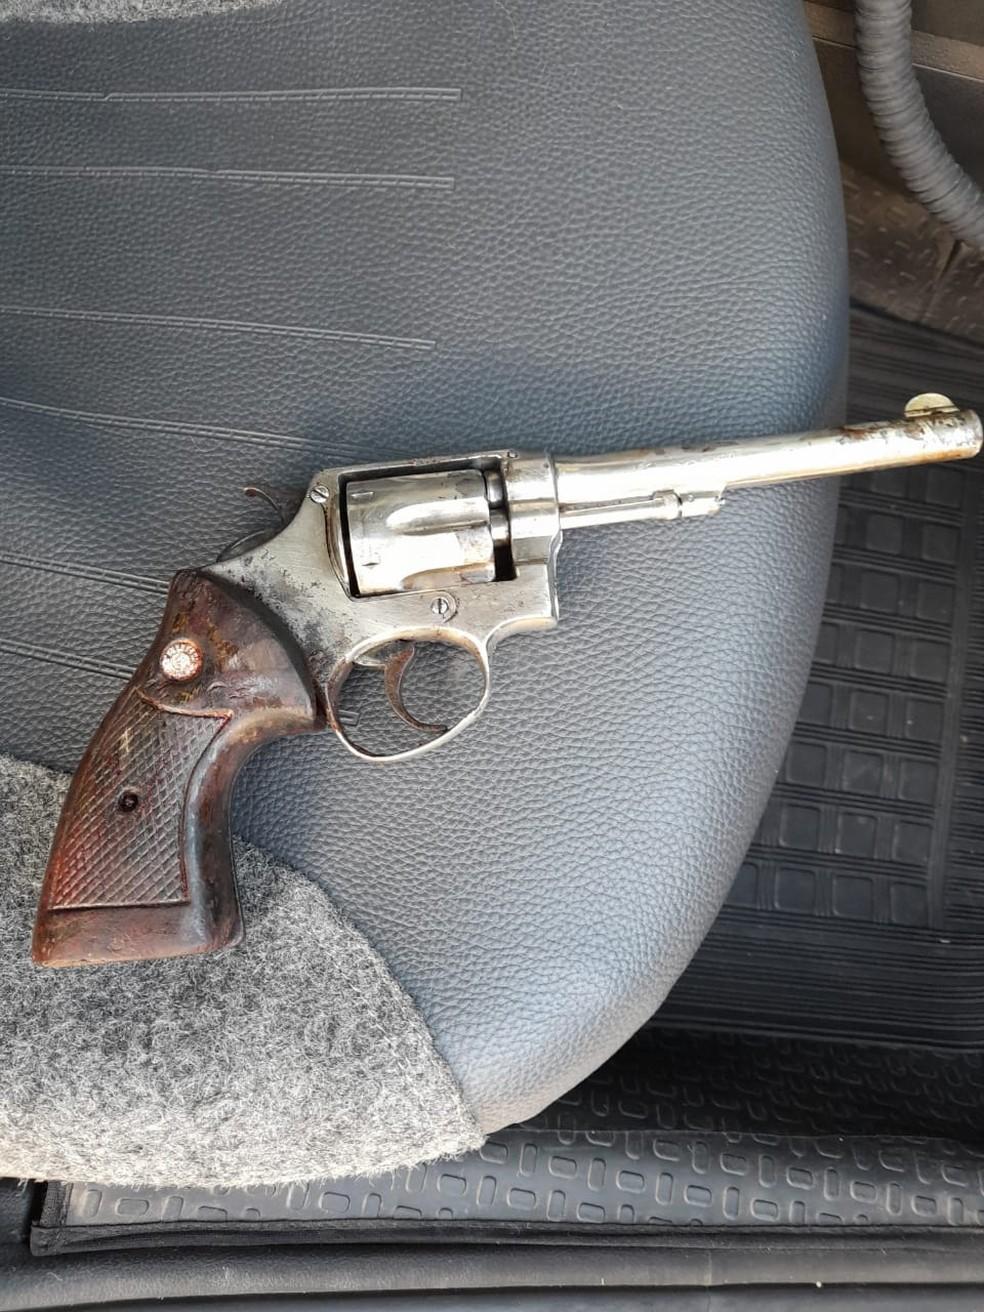 Revólver usado no assassinato de Bárbara Luana Campos de Jesus em Suzano — Foto: Polícia/Divulgação